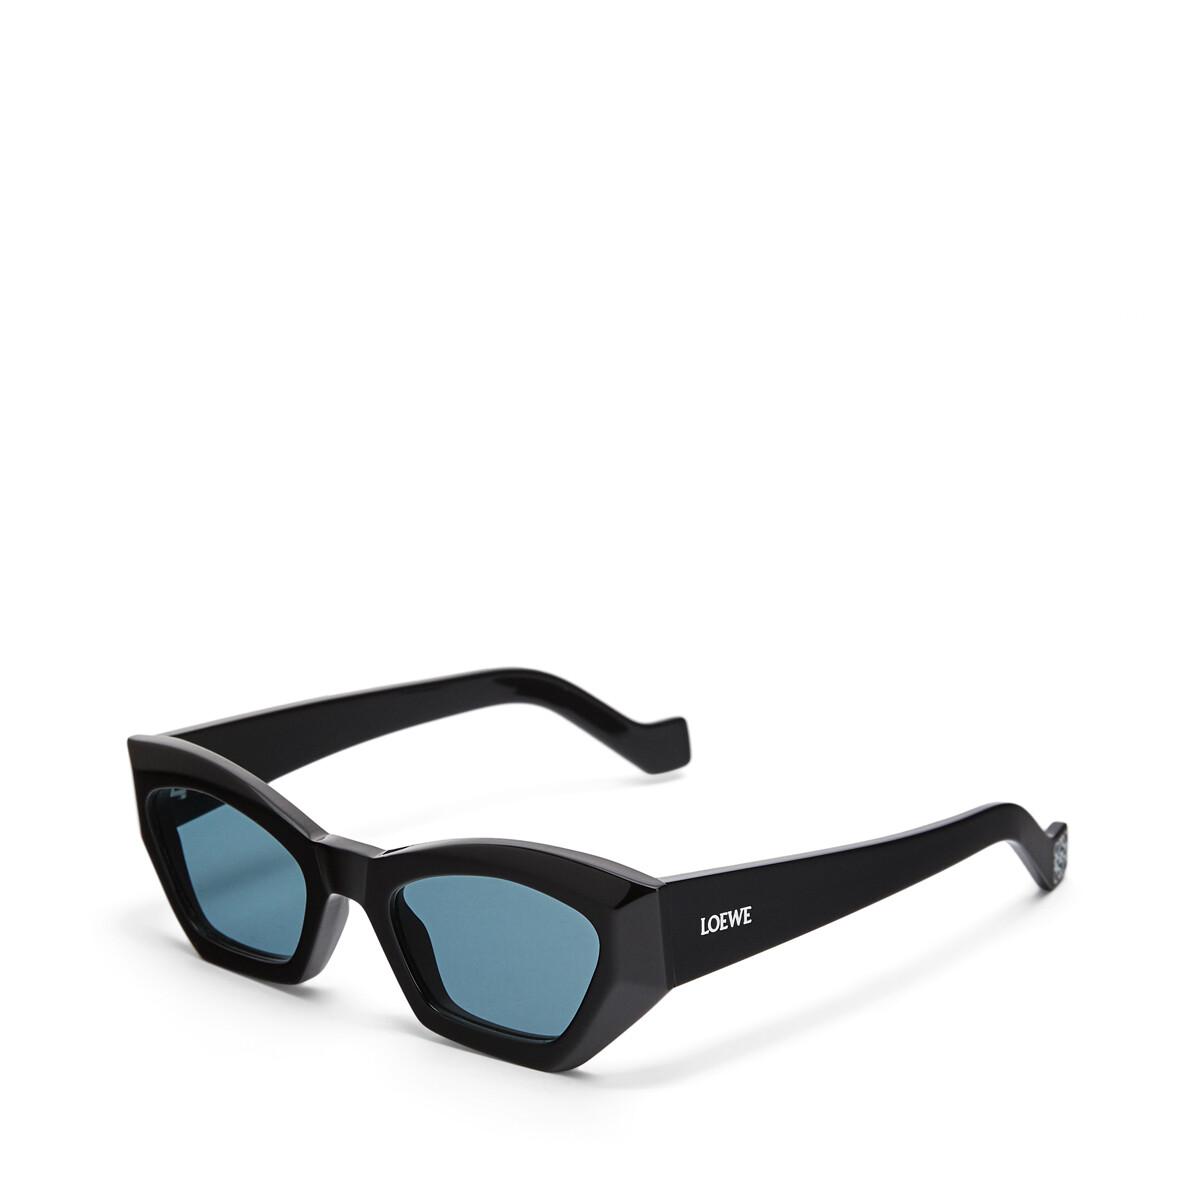 LOEWE Gafas Cateye Geométricas Negro/Azul front